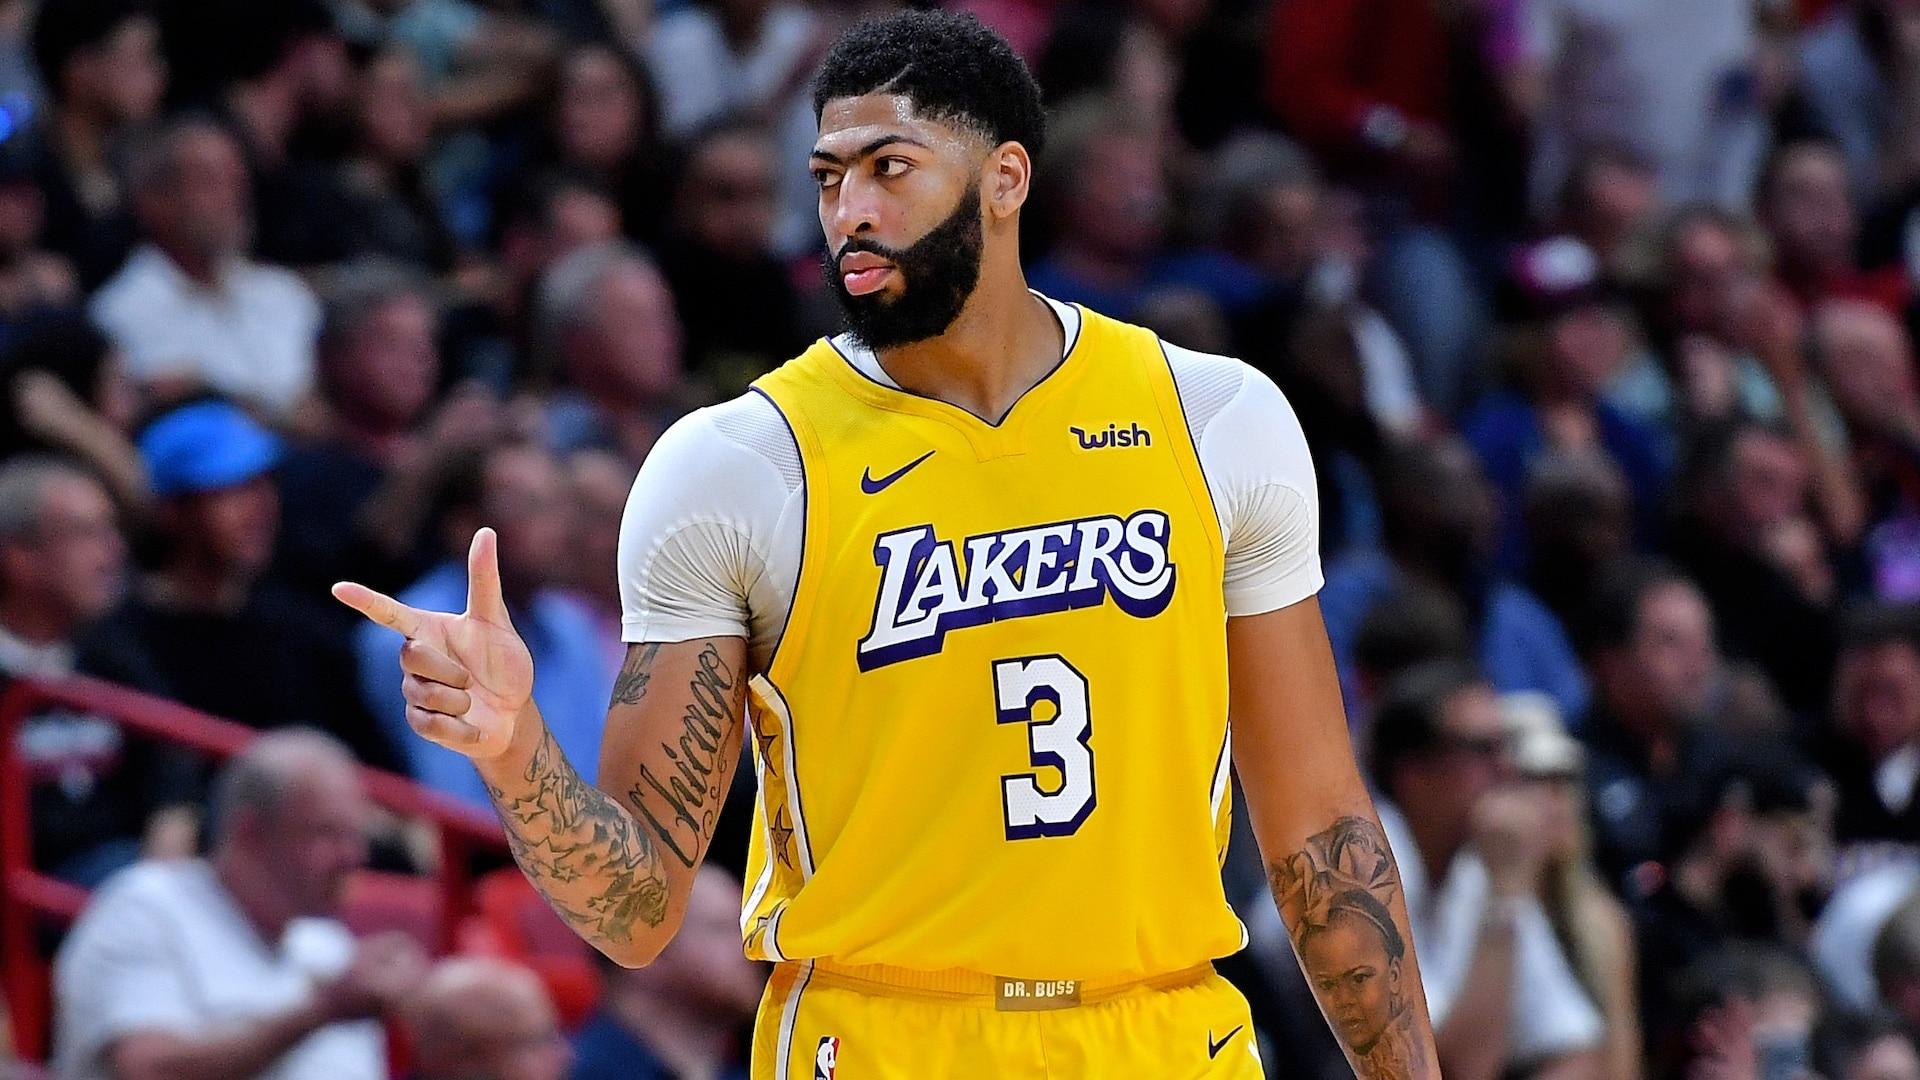 Top 10 NBA trades of the decade: 2010-19